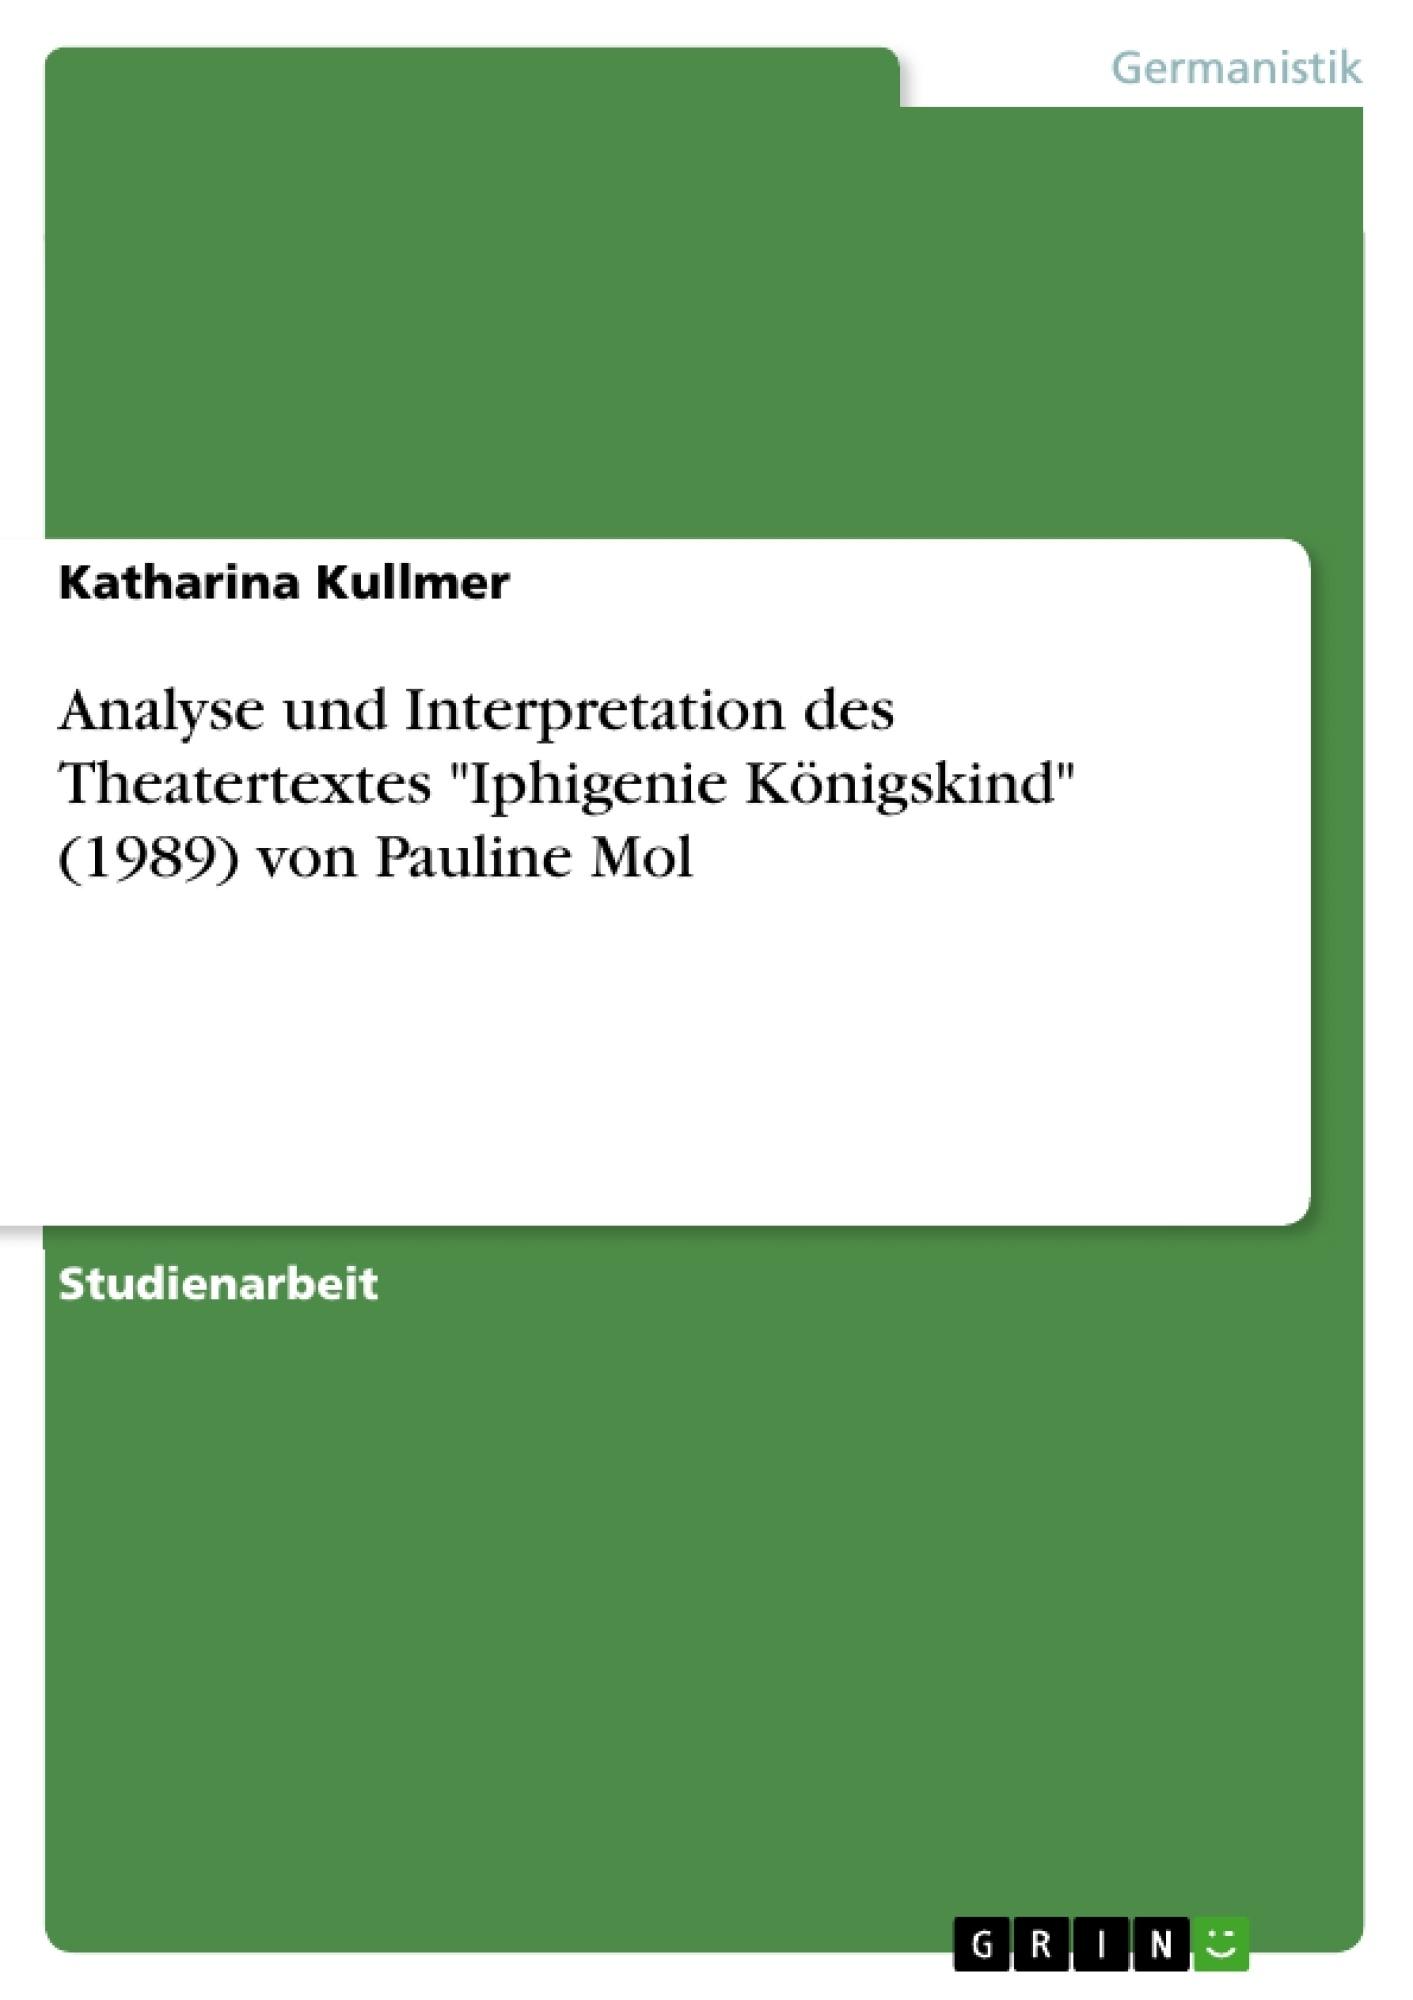 """Titel: Analyse und Interpretation des Theatertextes  """"Iphigenie Königskind"""" (1989) von Pauline Mol"""